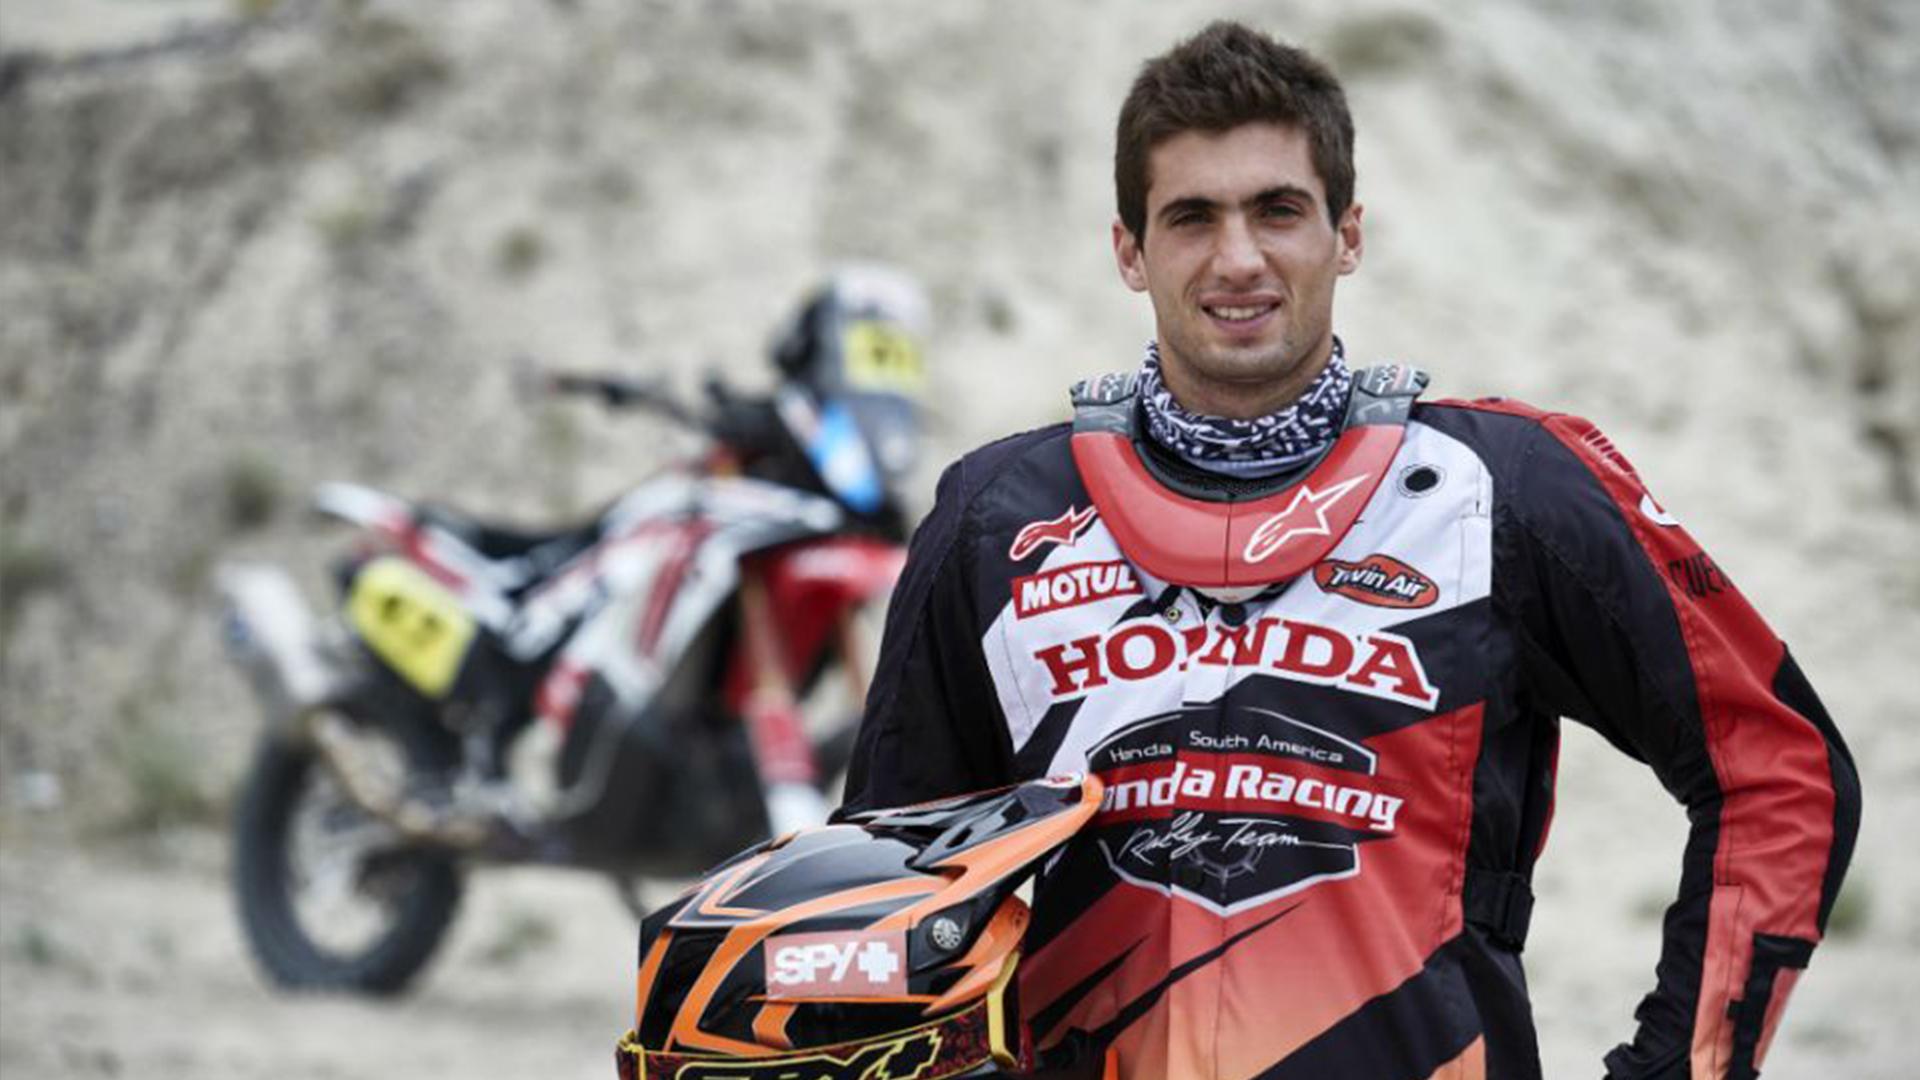 Kevin Benavides, el piloto que hace historia en el Rally Dakar 2018 Tras llegar a La Paz, el salteño se ubicó en el primer puesto de la tabla general de motos y su nombre quedó en los libros por ser el primer argentino en alcanzar el liderato en esa c